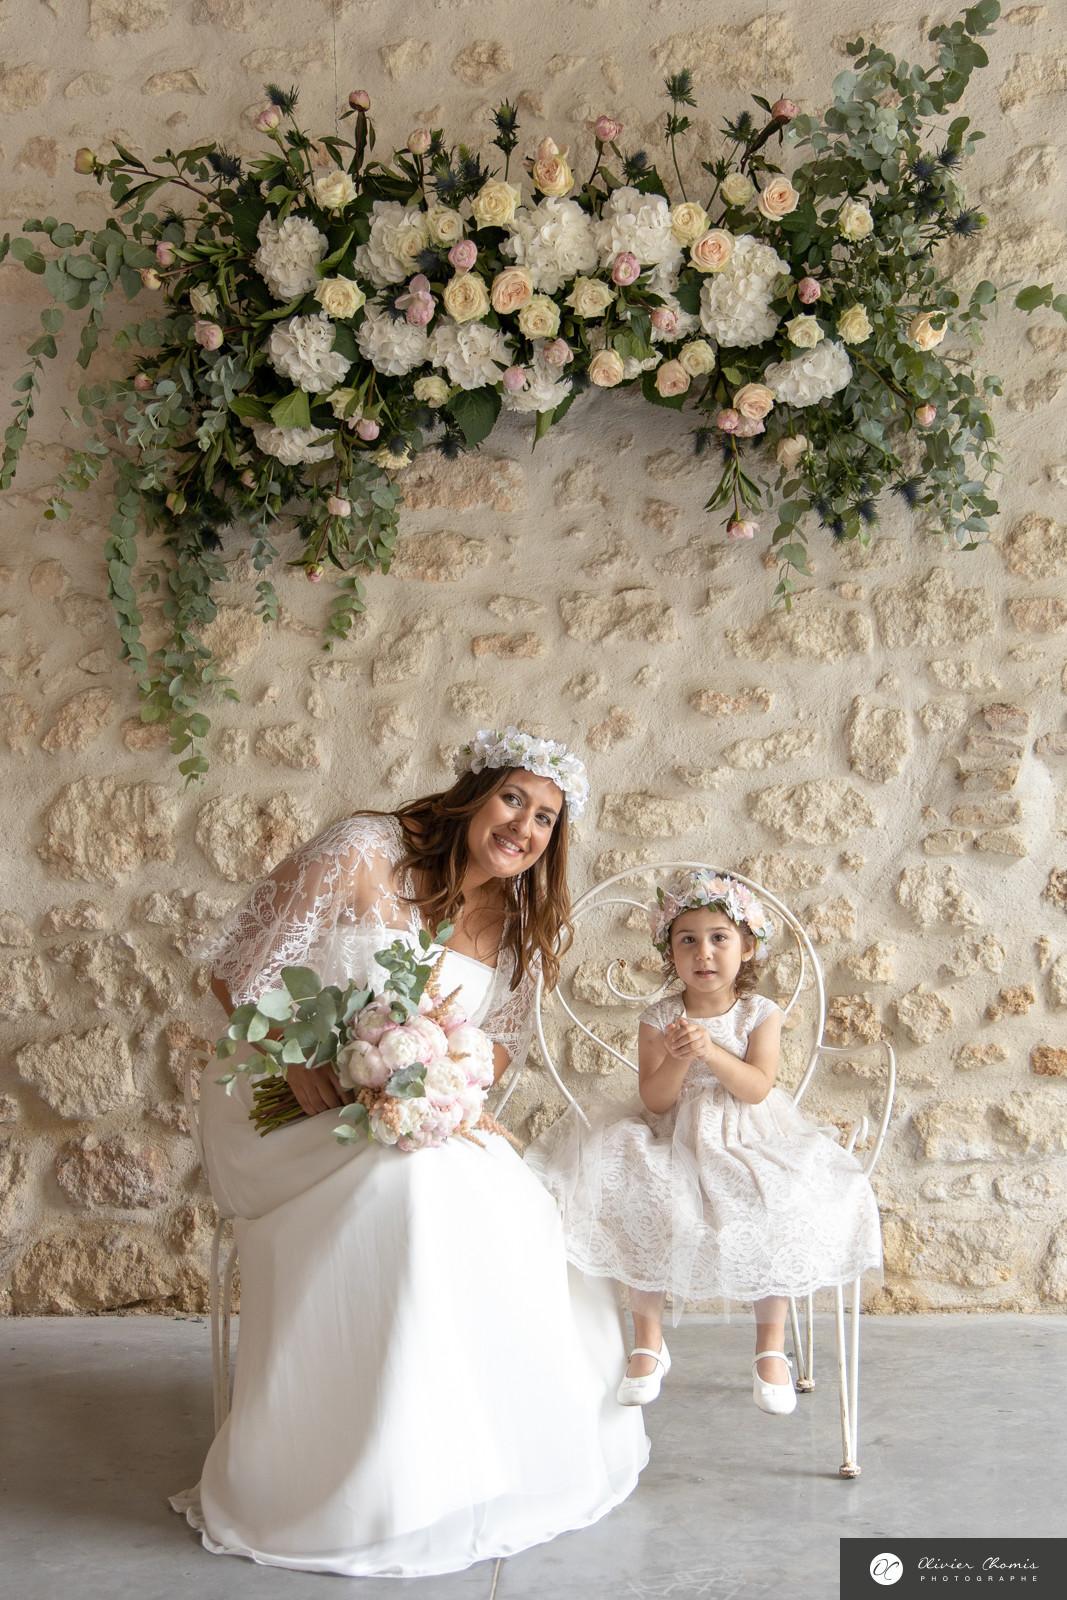 Olivier chomis photographe mariage valence-25